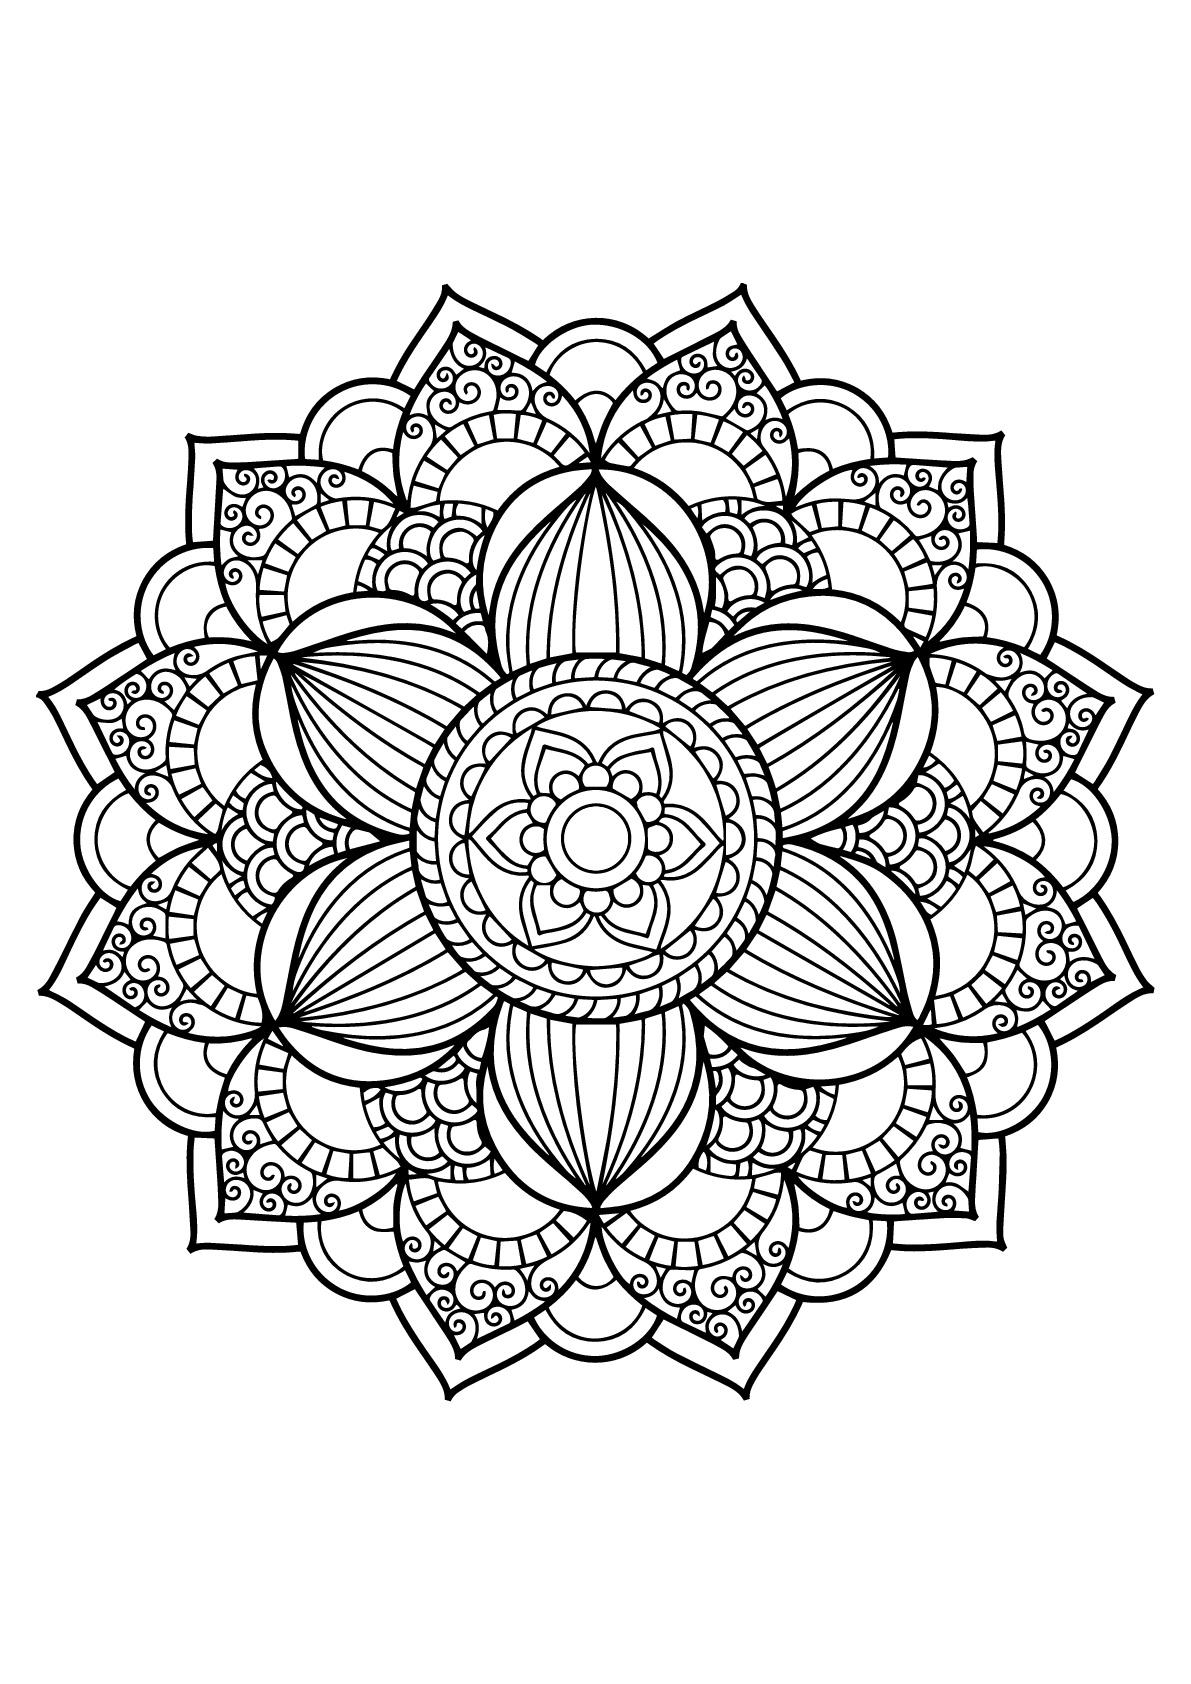 Mandala livre gratuit 17 mandalas coloriages difficiles pour adultes - Dessine gratuit ...